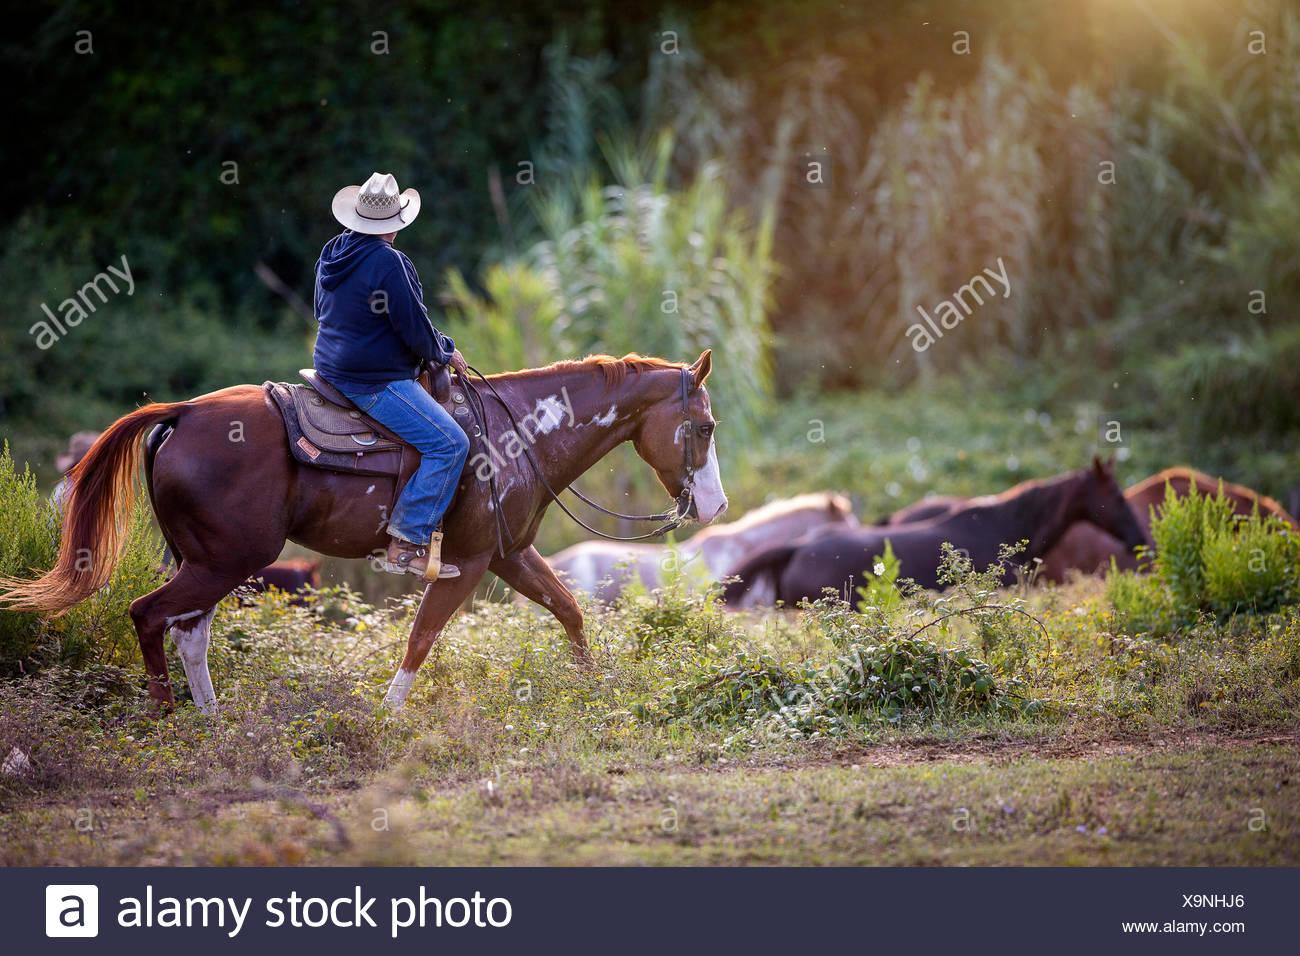 Pintura americana caballo vaquero caballos conducción Italia Imagen De Stock